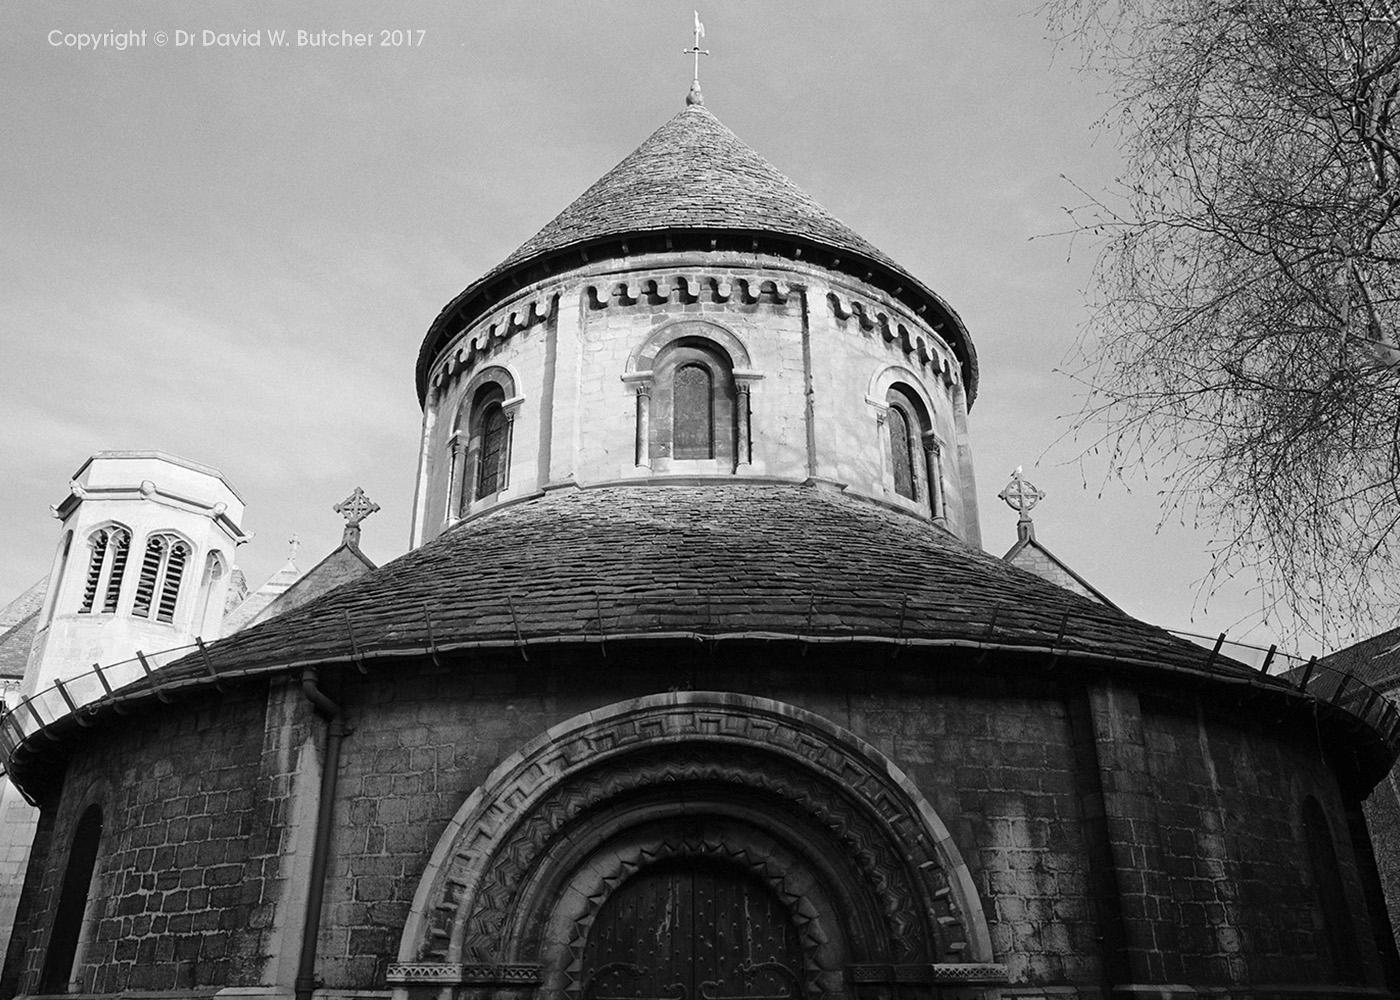 Cambridge Round Church, England